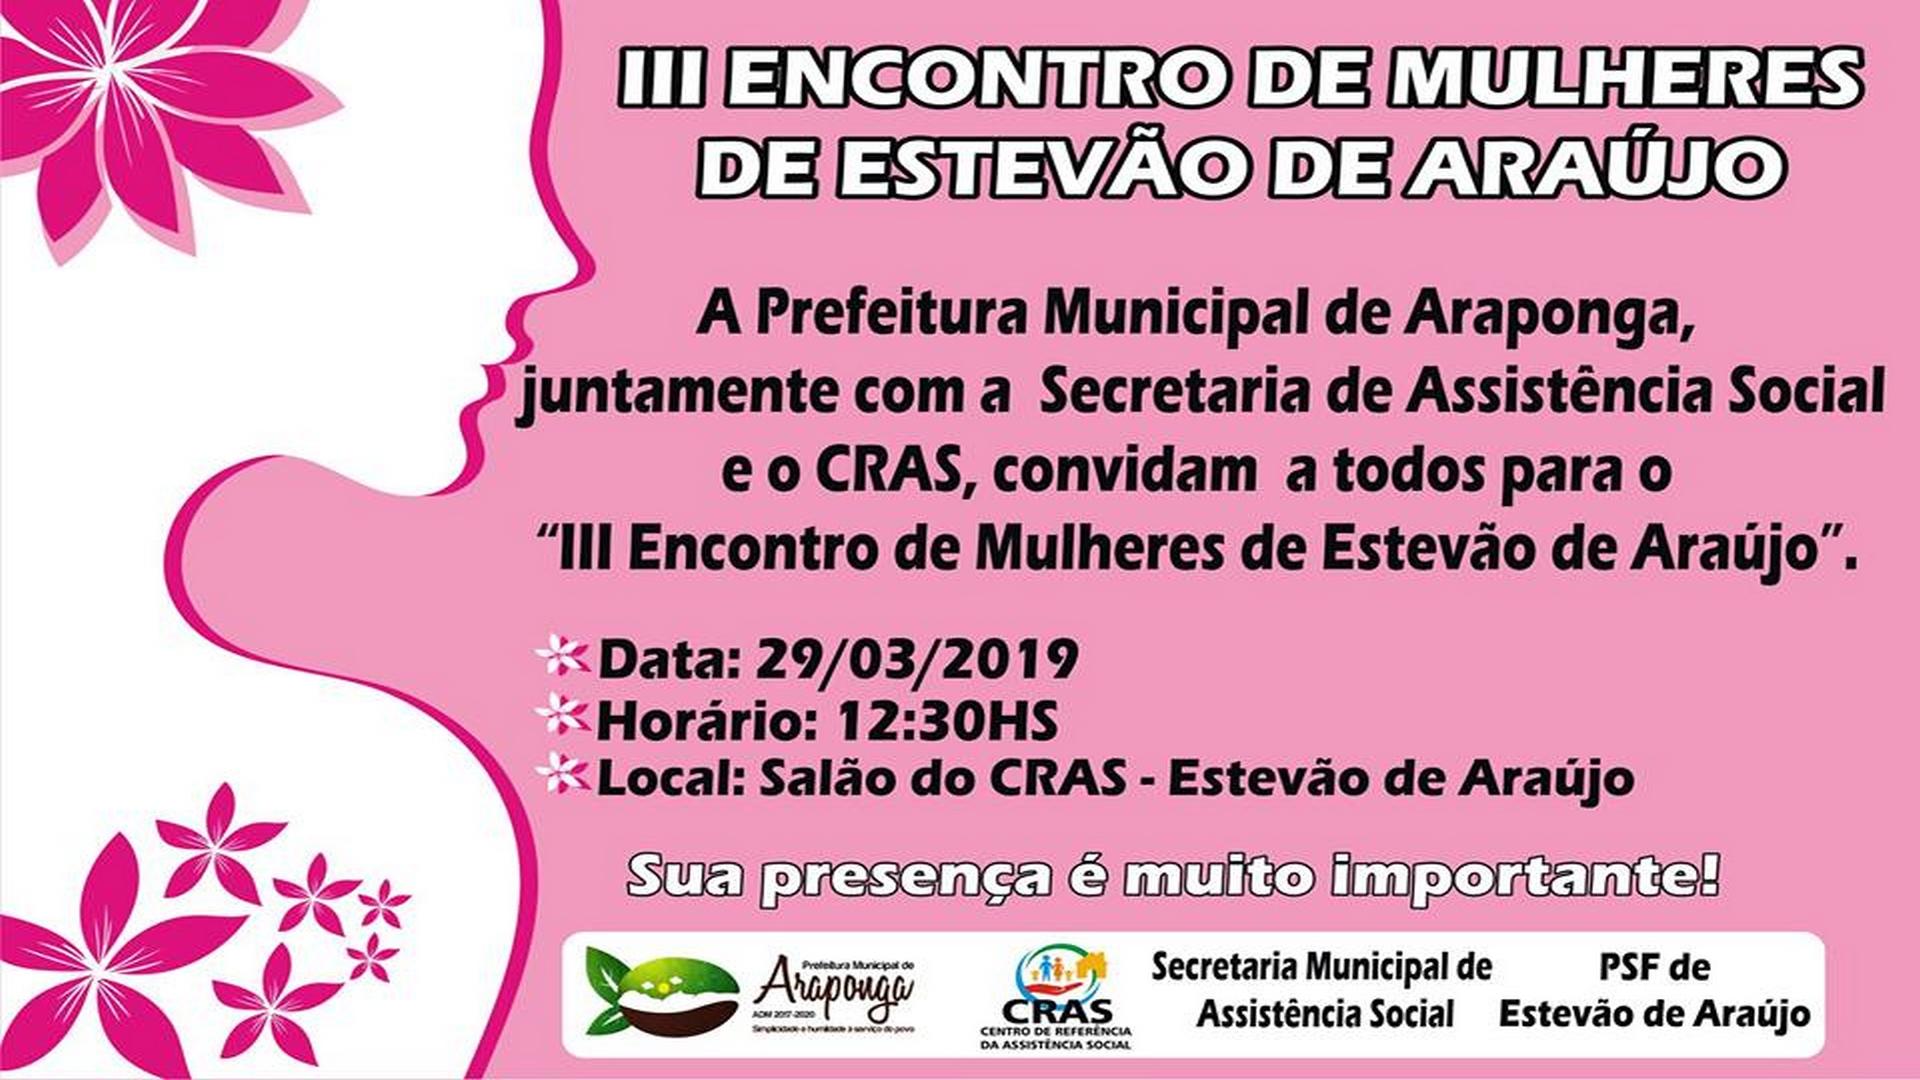 ATENÇÃO MULHERES – CONVIDAMOS PARA O III ENCONTRO EM ESTEVÃO DE ARAÚJO !!!